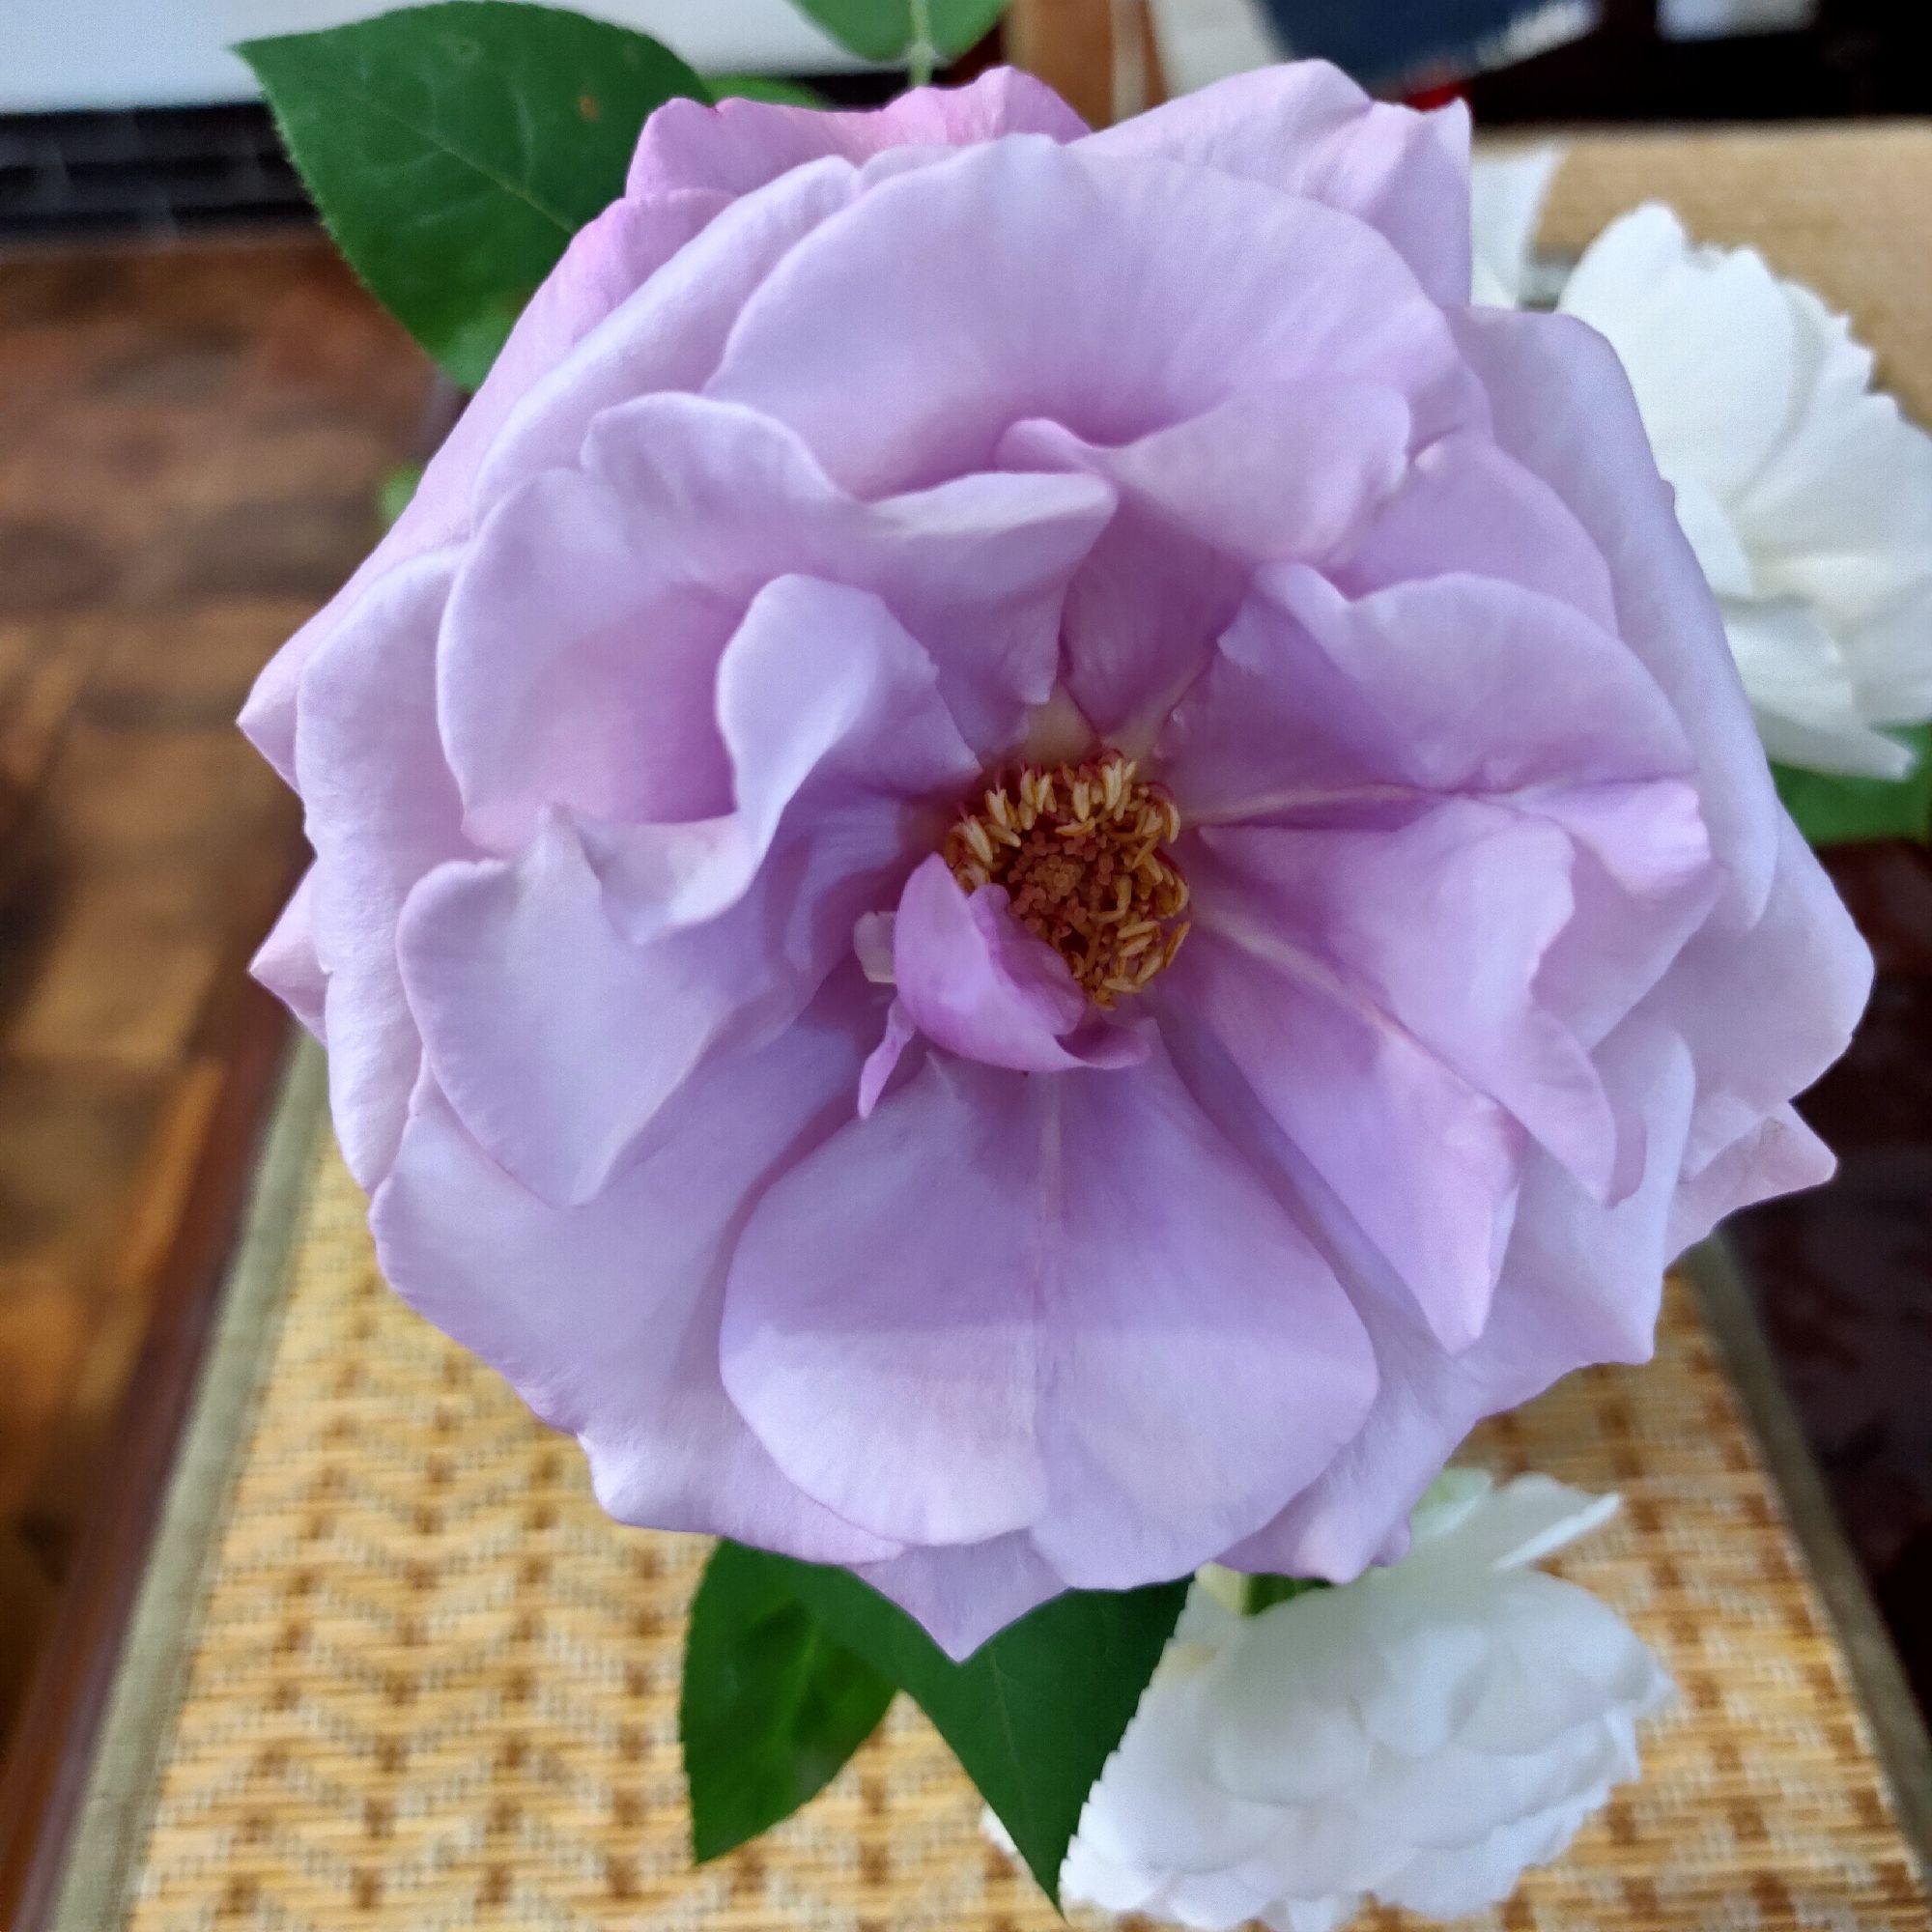 Вот так выглядит на четвертый день в срезке. Я эту розу не покупала, положили в подарок за заказ.